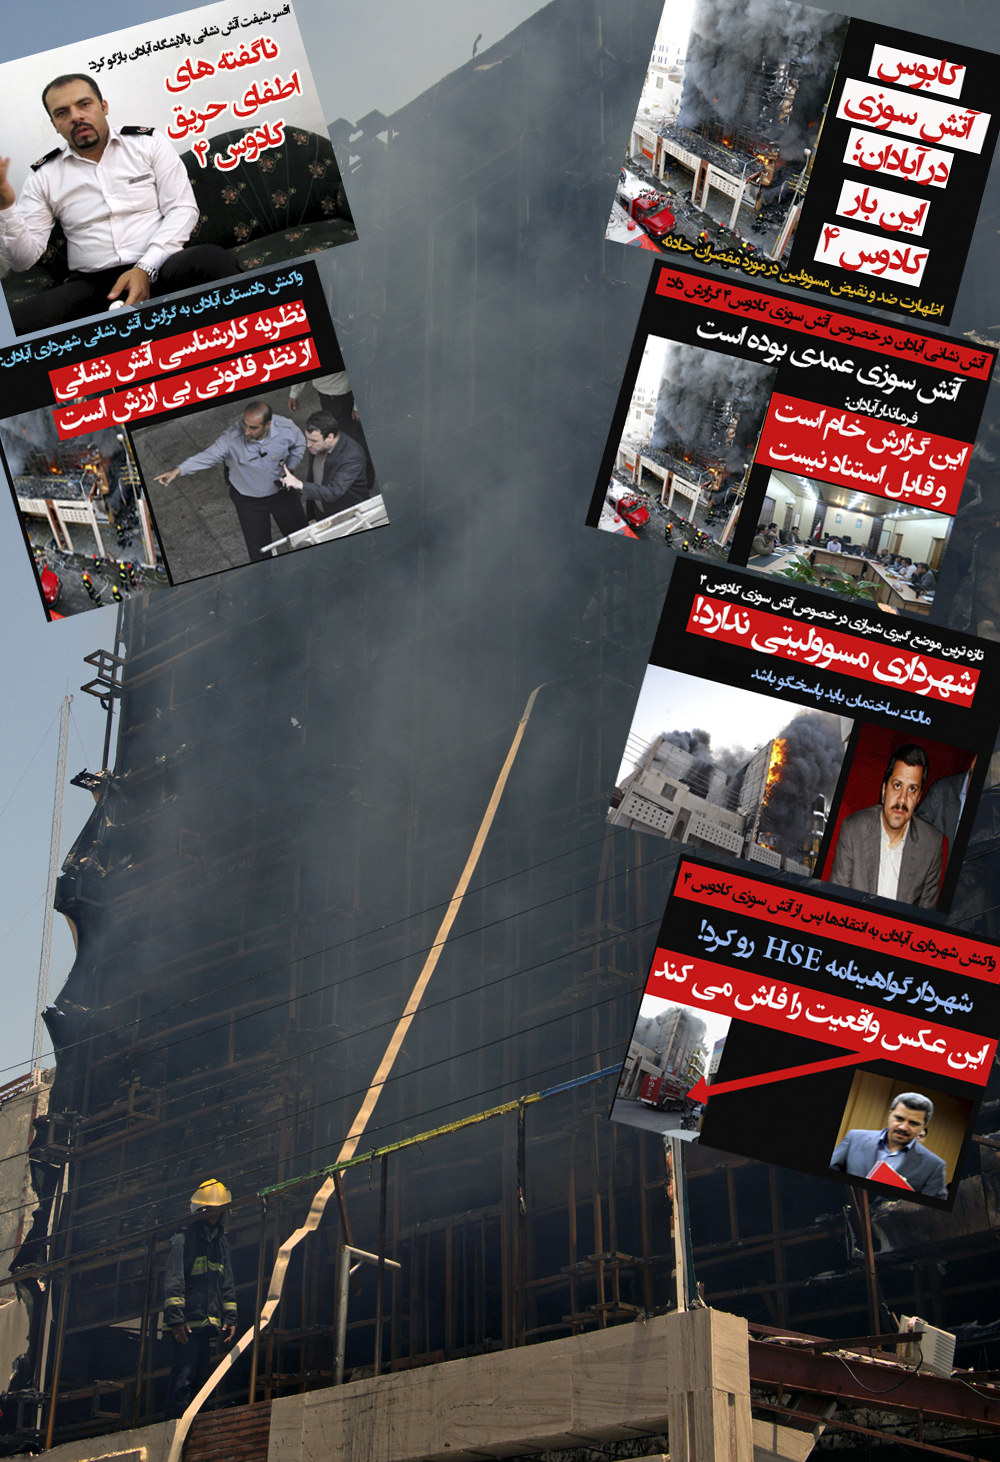 آتش سوزی پاساژ پر رفت و آمد «کادوس چهار» خیابان امام خمینی آبادان